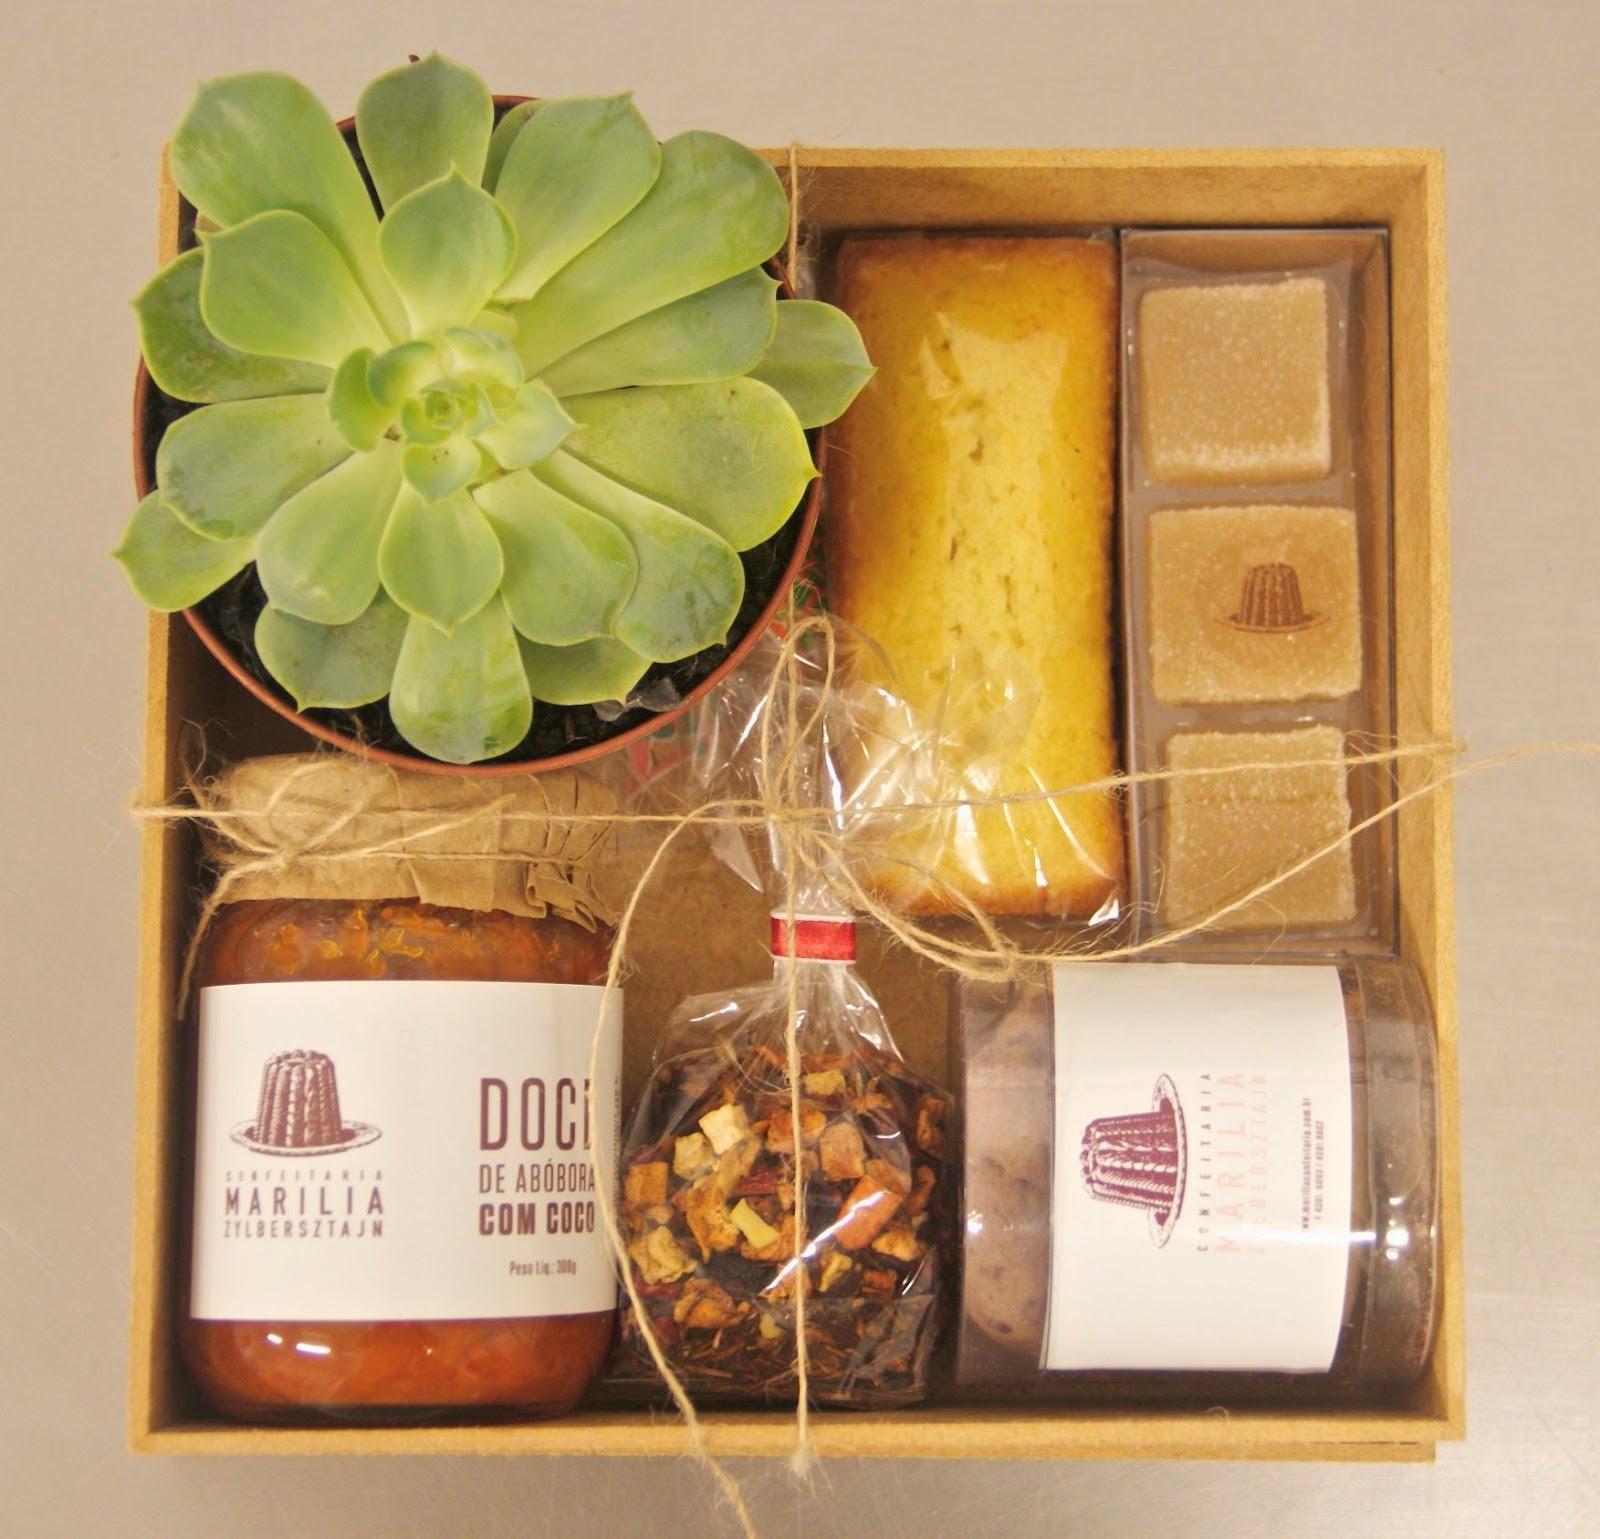 Presente para o Dia das Mães - Confeitaria Marilia Zylbersztajn